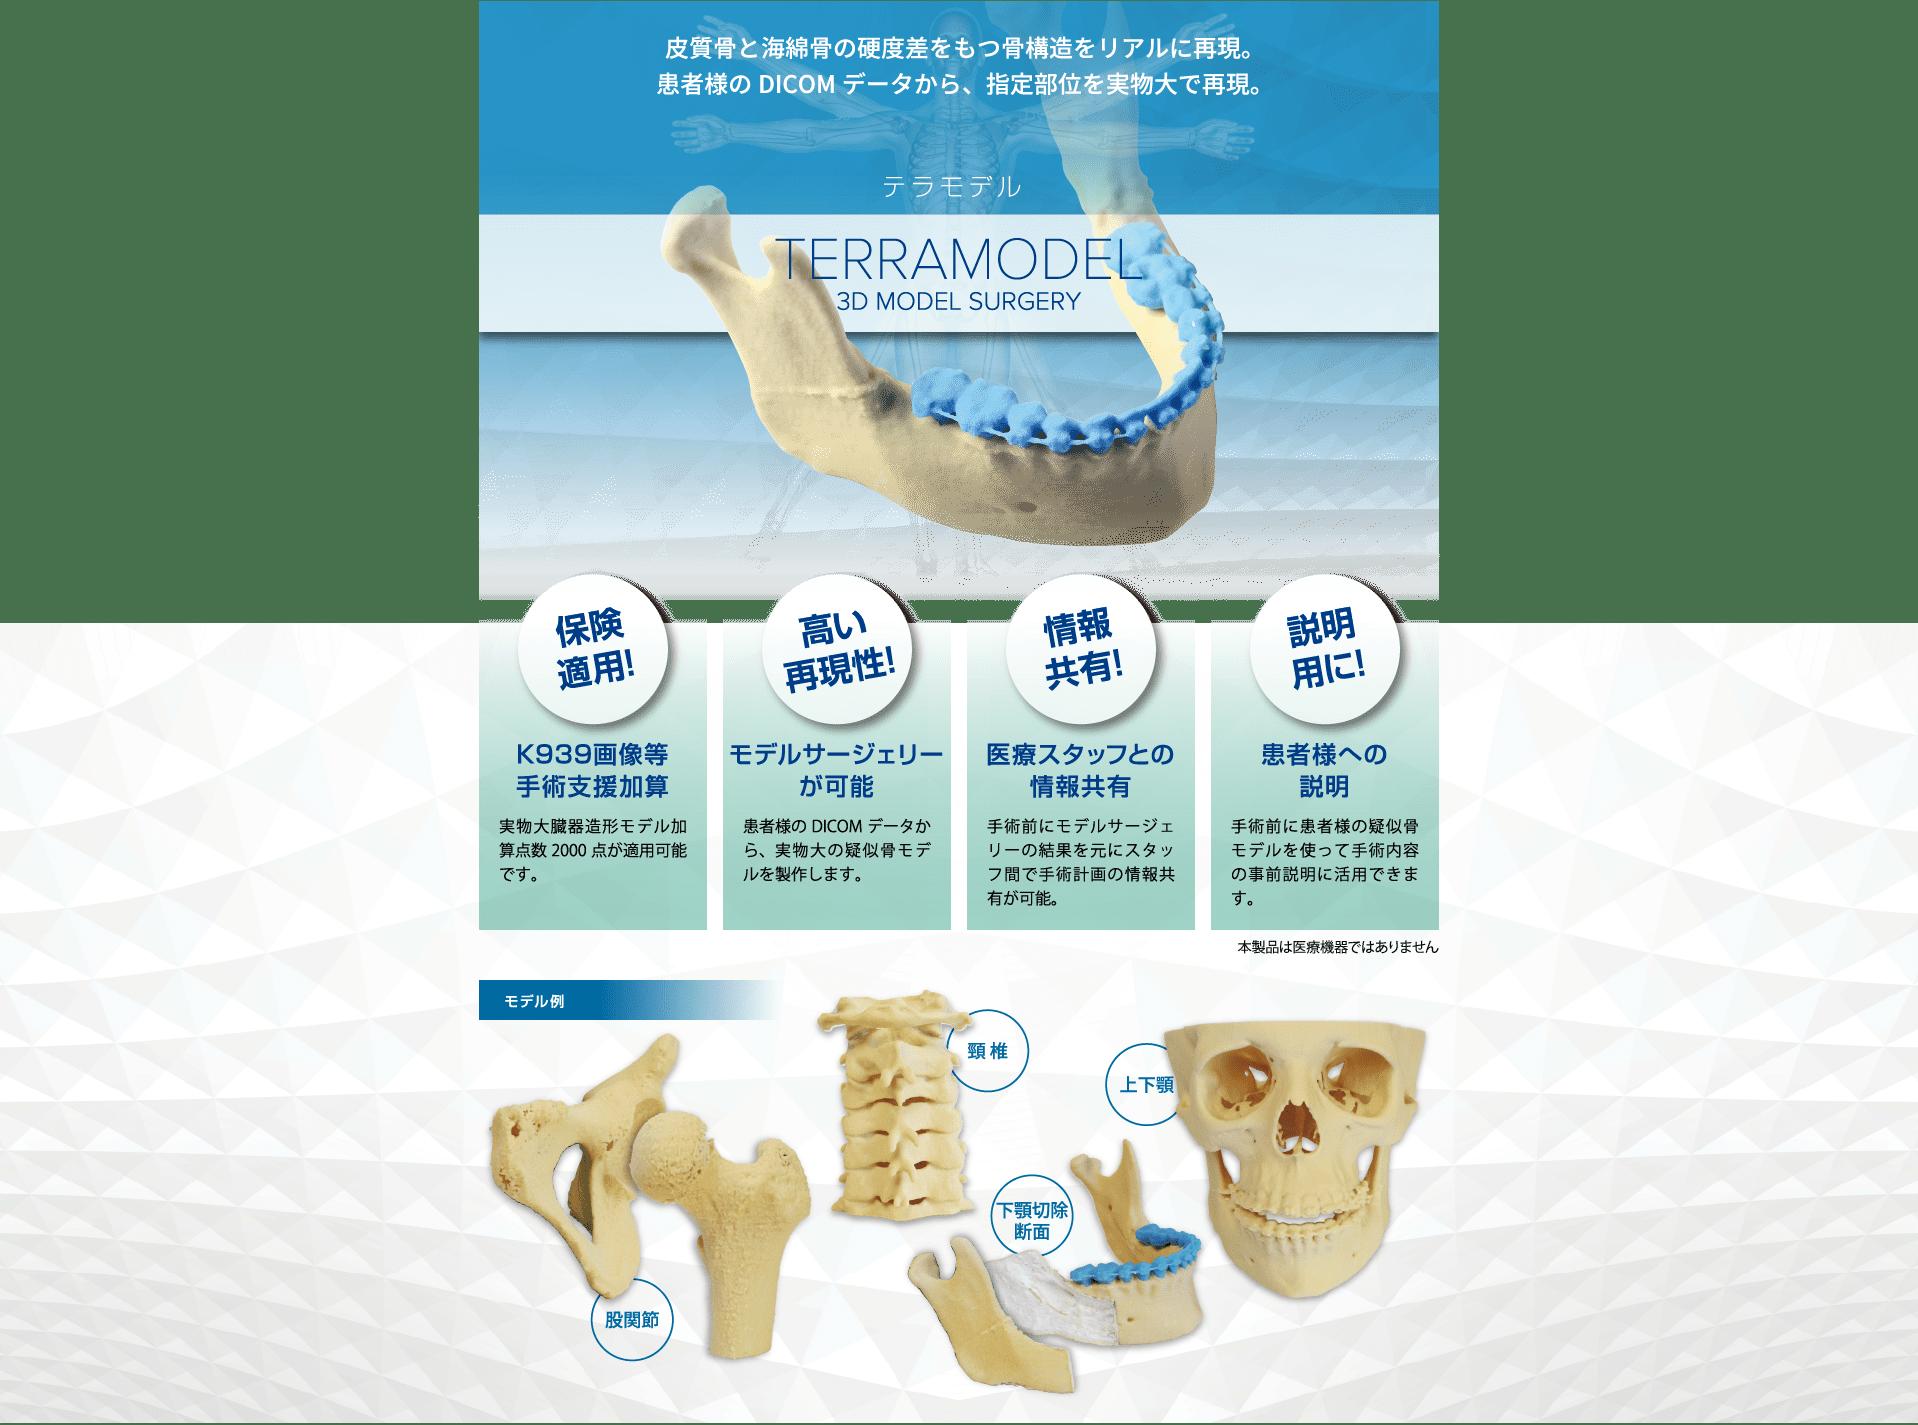 皮質骨と海綿骨の硬度差をもつ骨構造をリアルに再現。患者様のDICOMデータから、指定部位を実物大で再現。